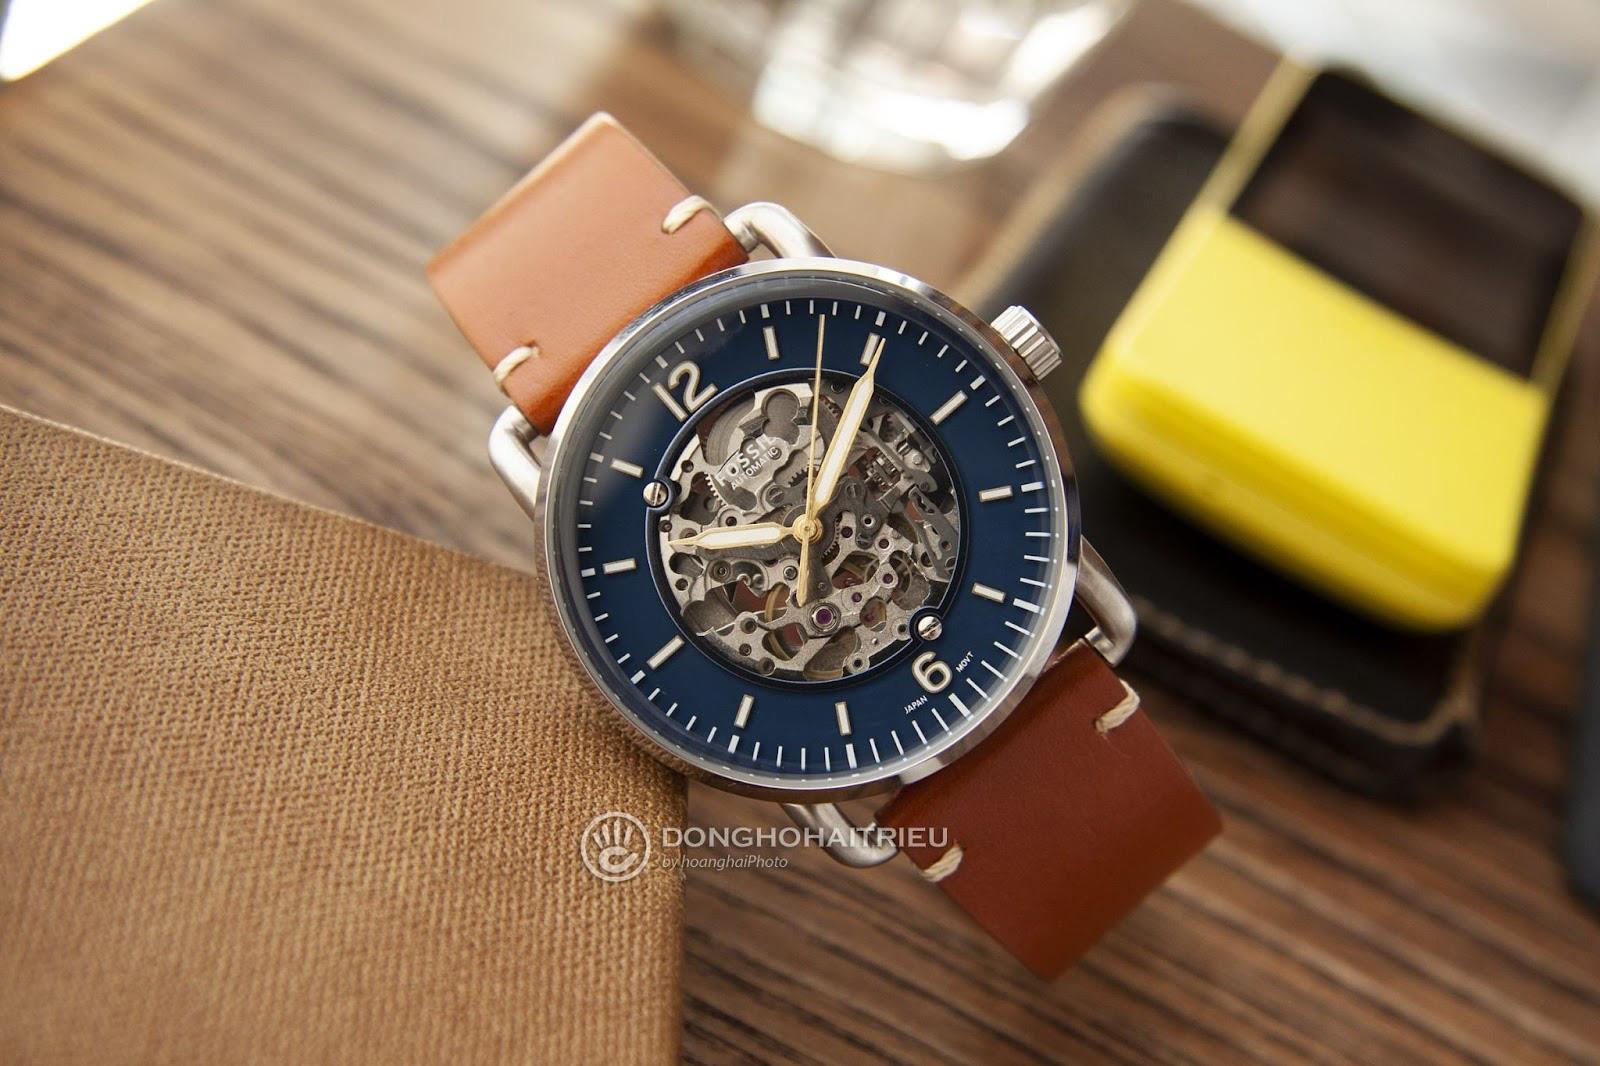 Top các mẫu đồng hồ Fossil Blue đẹp mắt, đang được săn lùng - Ảnh 5.